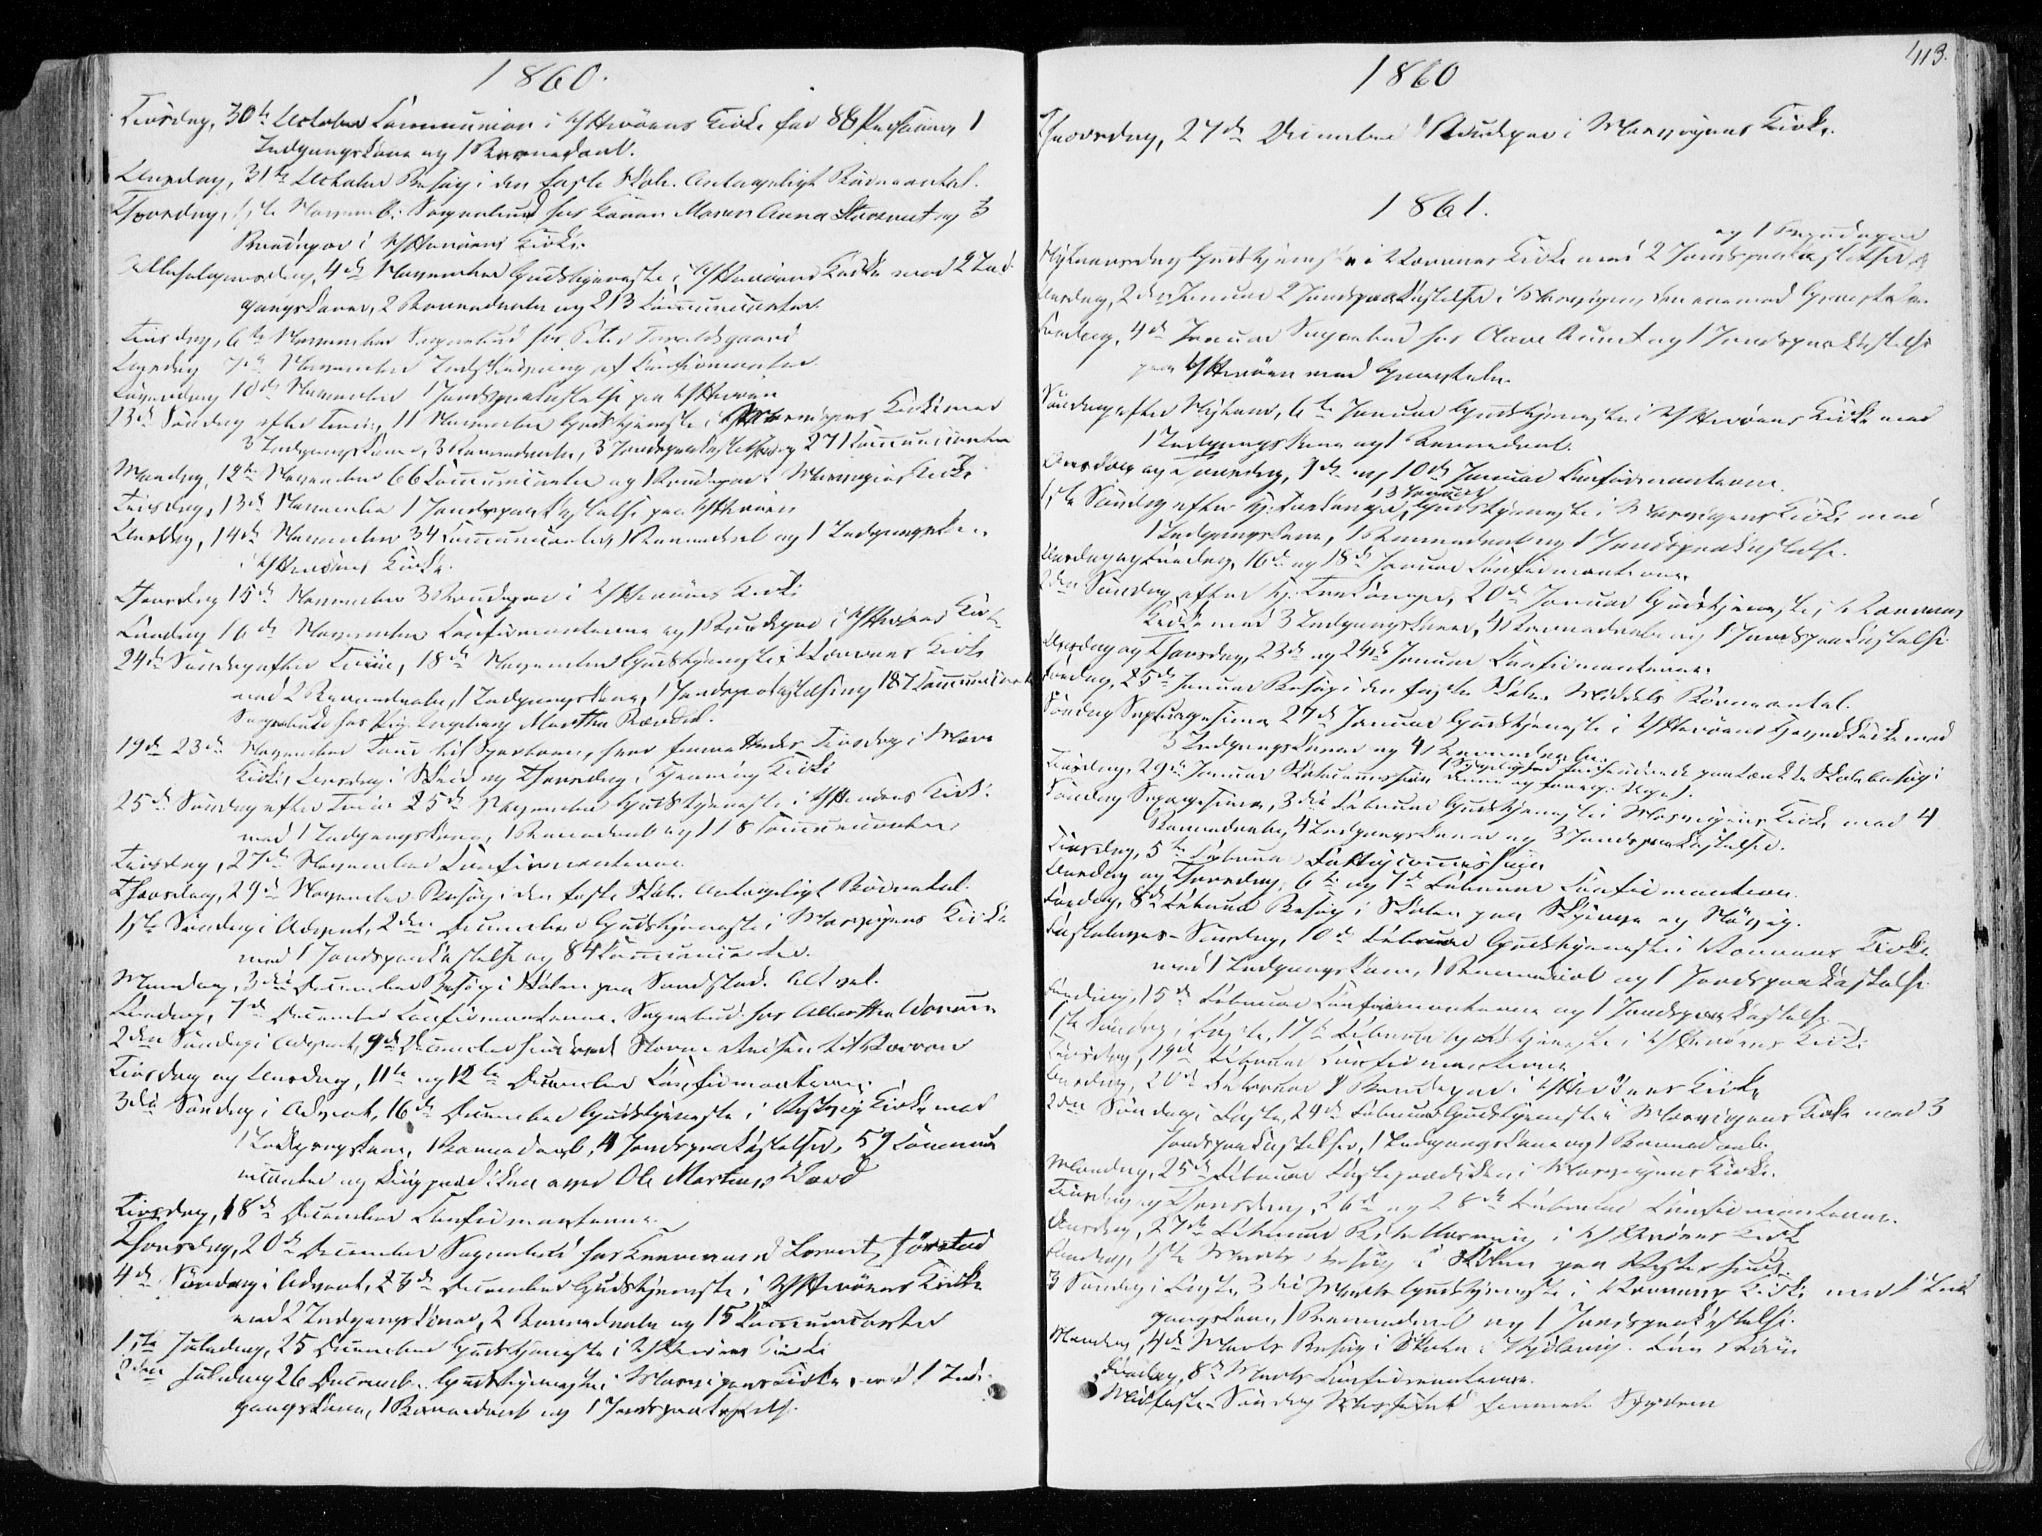 SAT, Ministerialprotokoller, klokkerbøker og fødselsregistre - Nord-Trøndelag, 722/L0218: Ministerialbok nr. 722A05, 1843-1868, s. 413